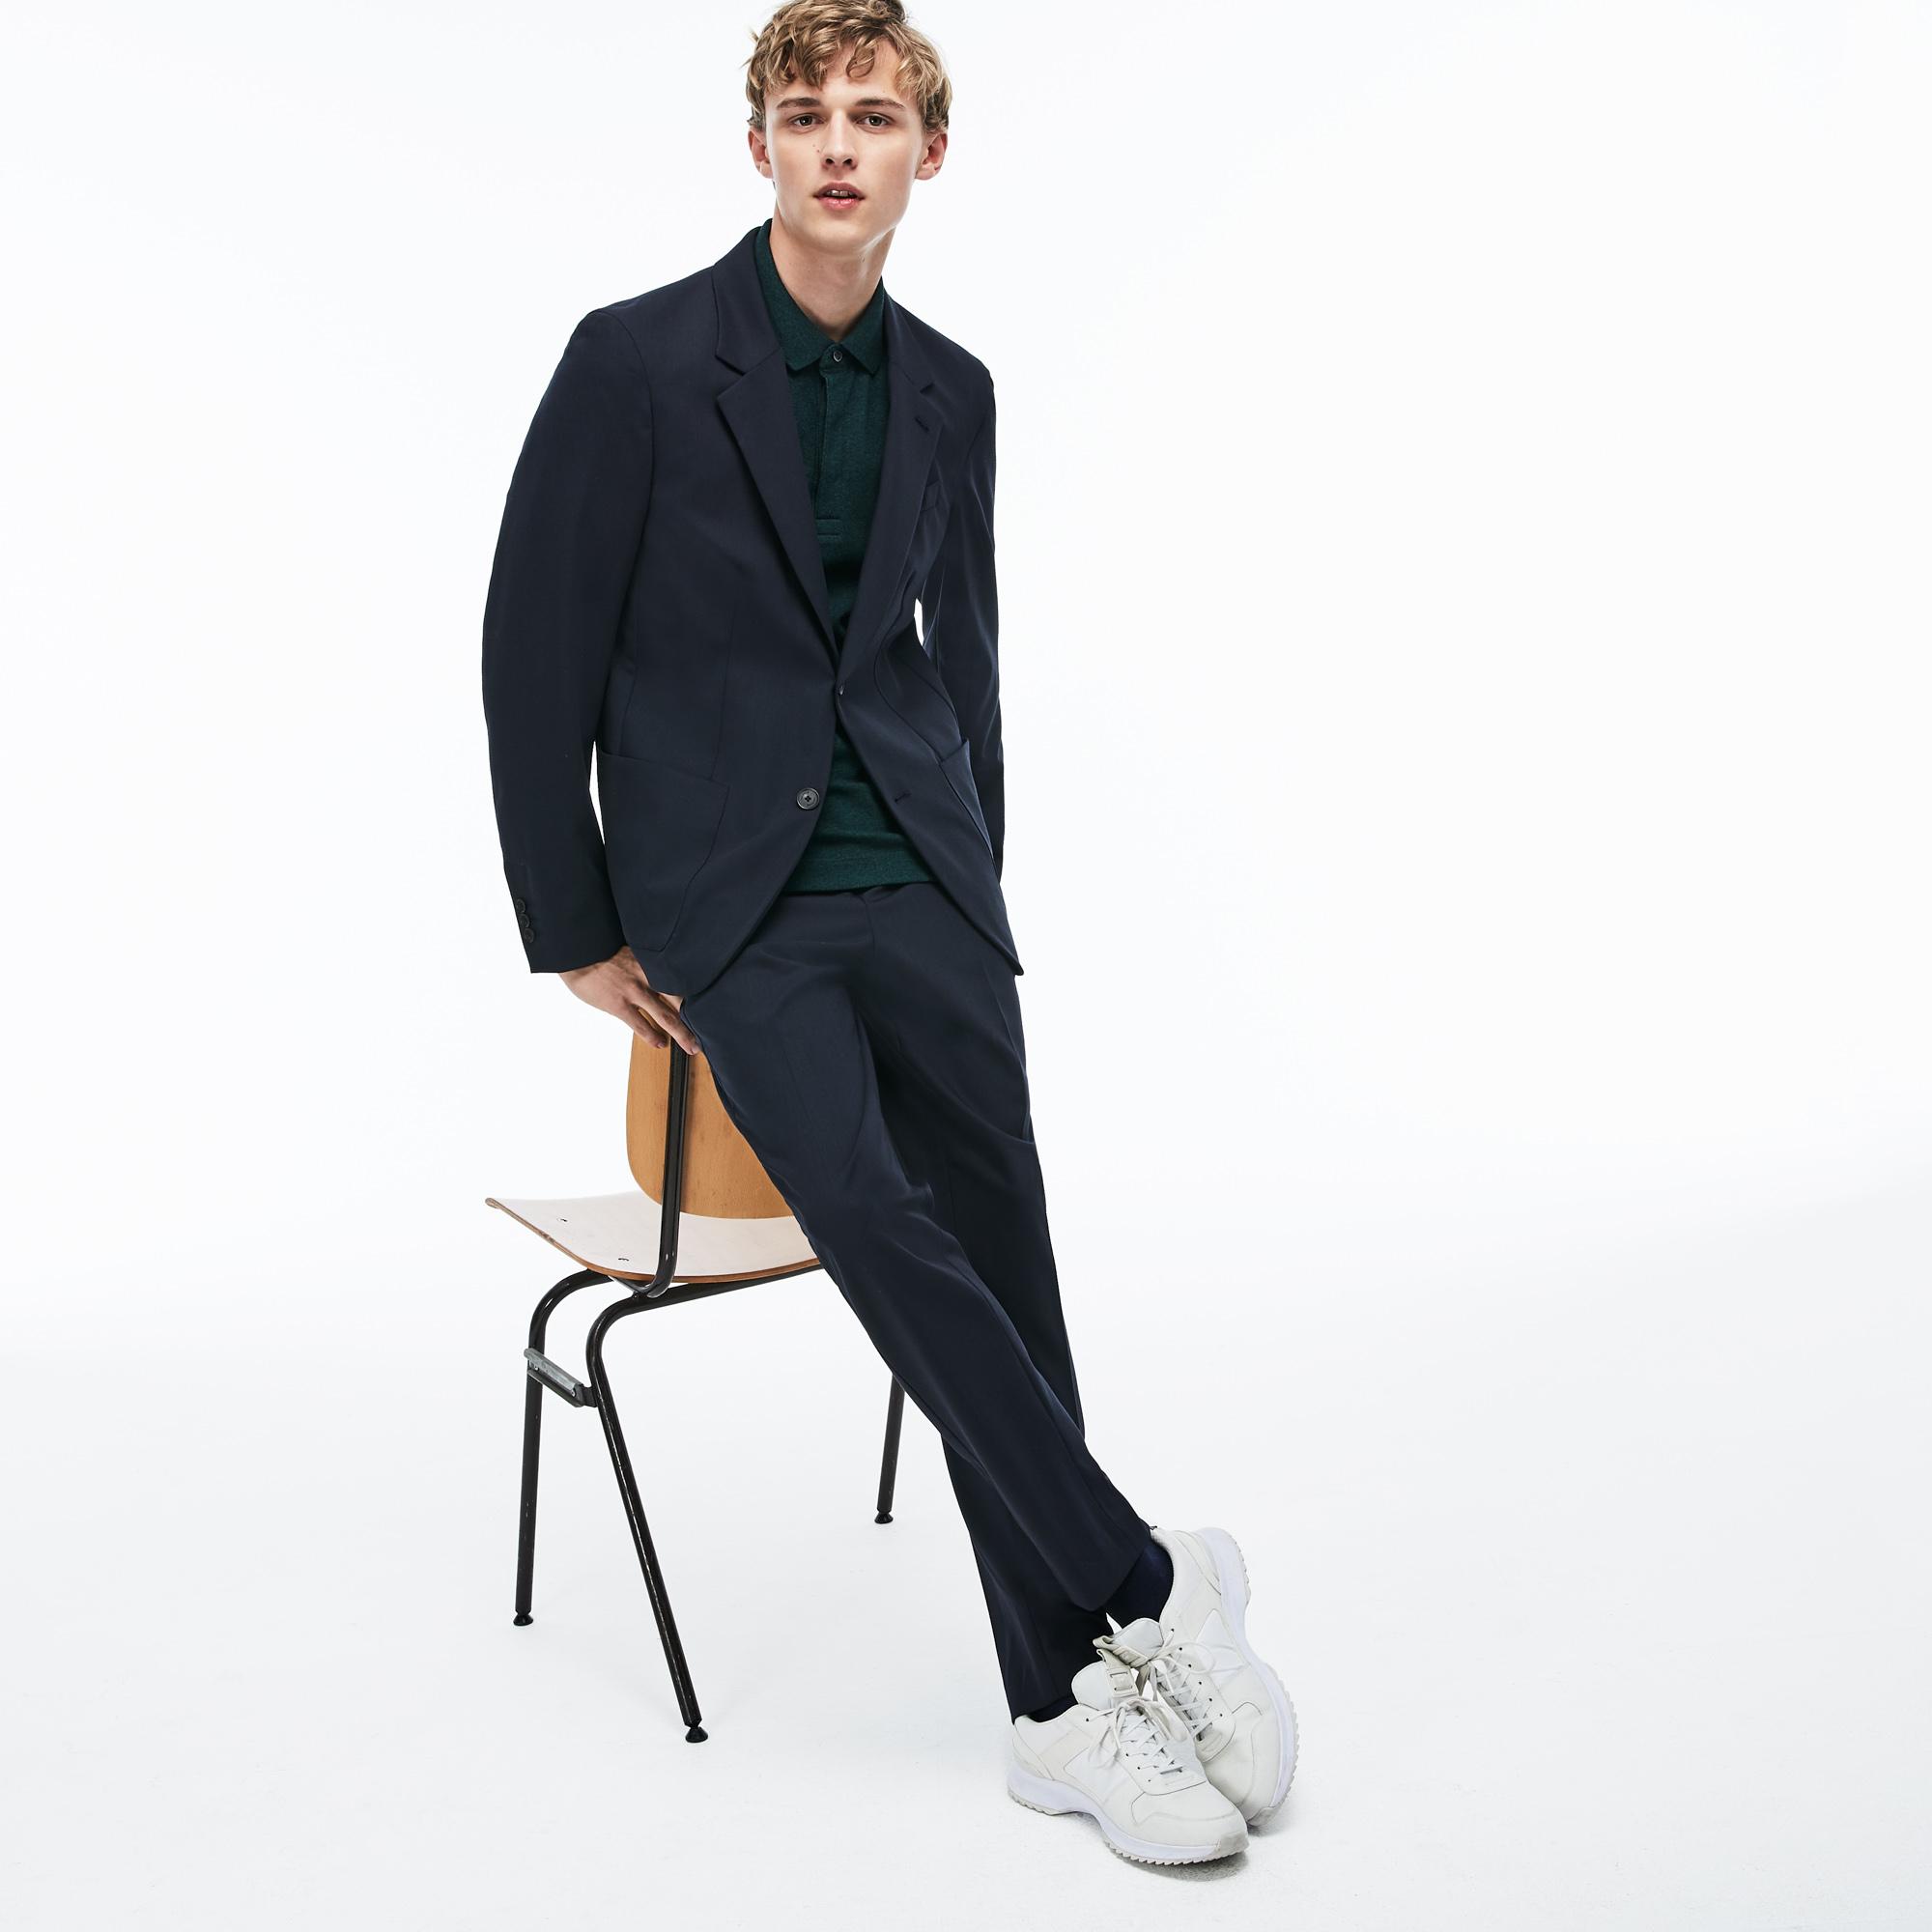 Пиджак LacosteВерхняя одежда<br>55% полиэстер 43% шерсть 2% эластан 100% вискоза